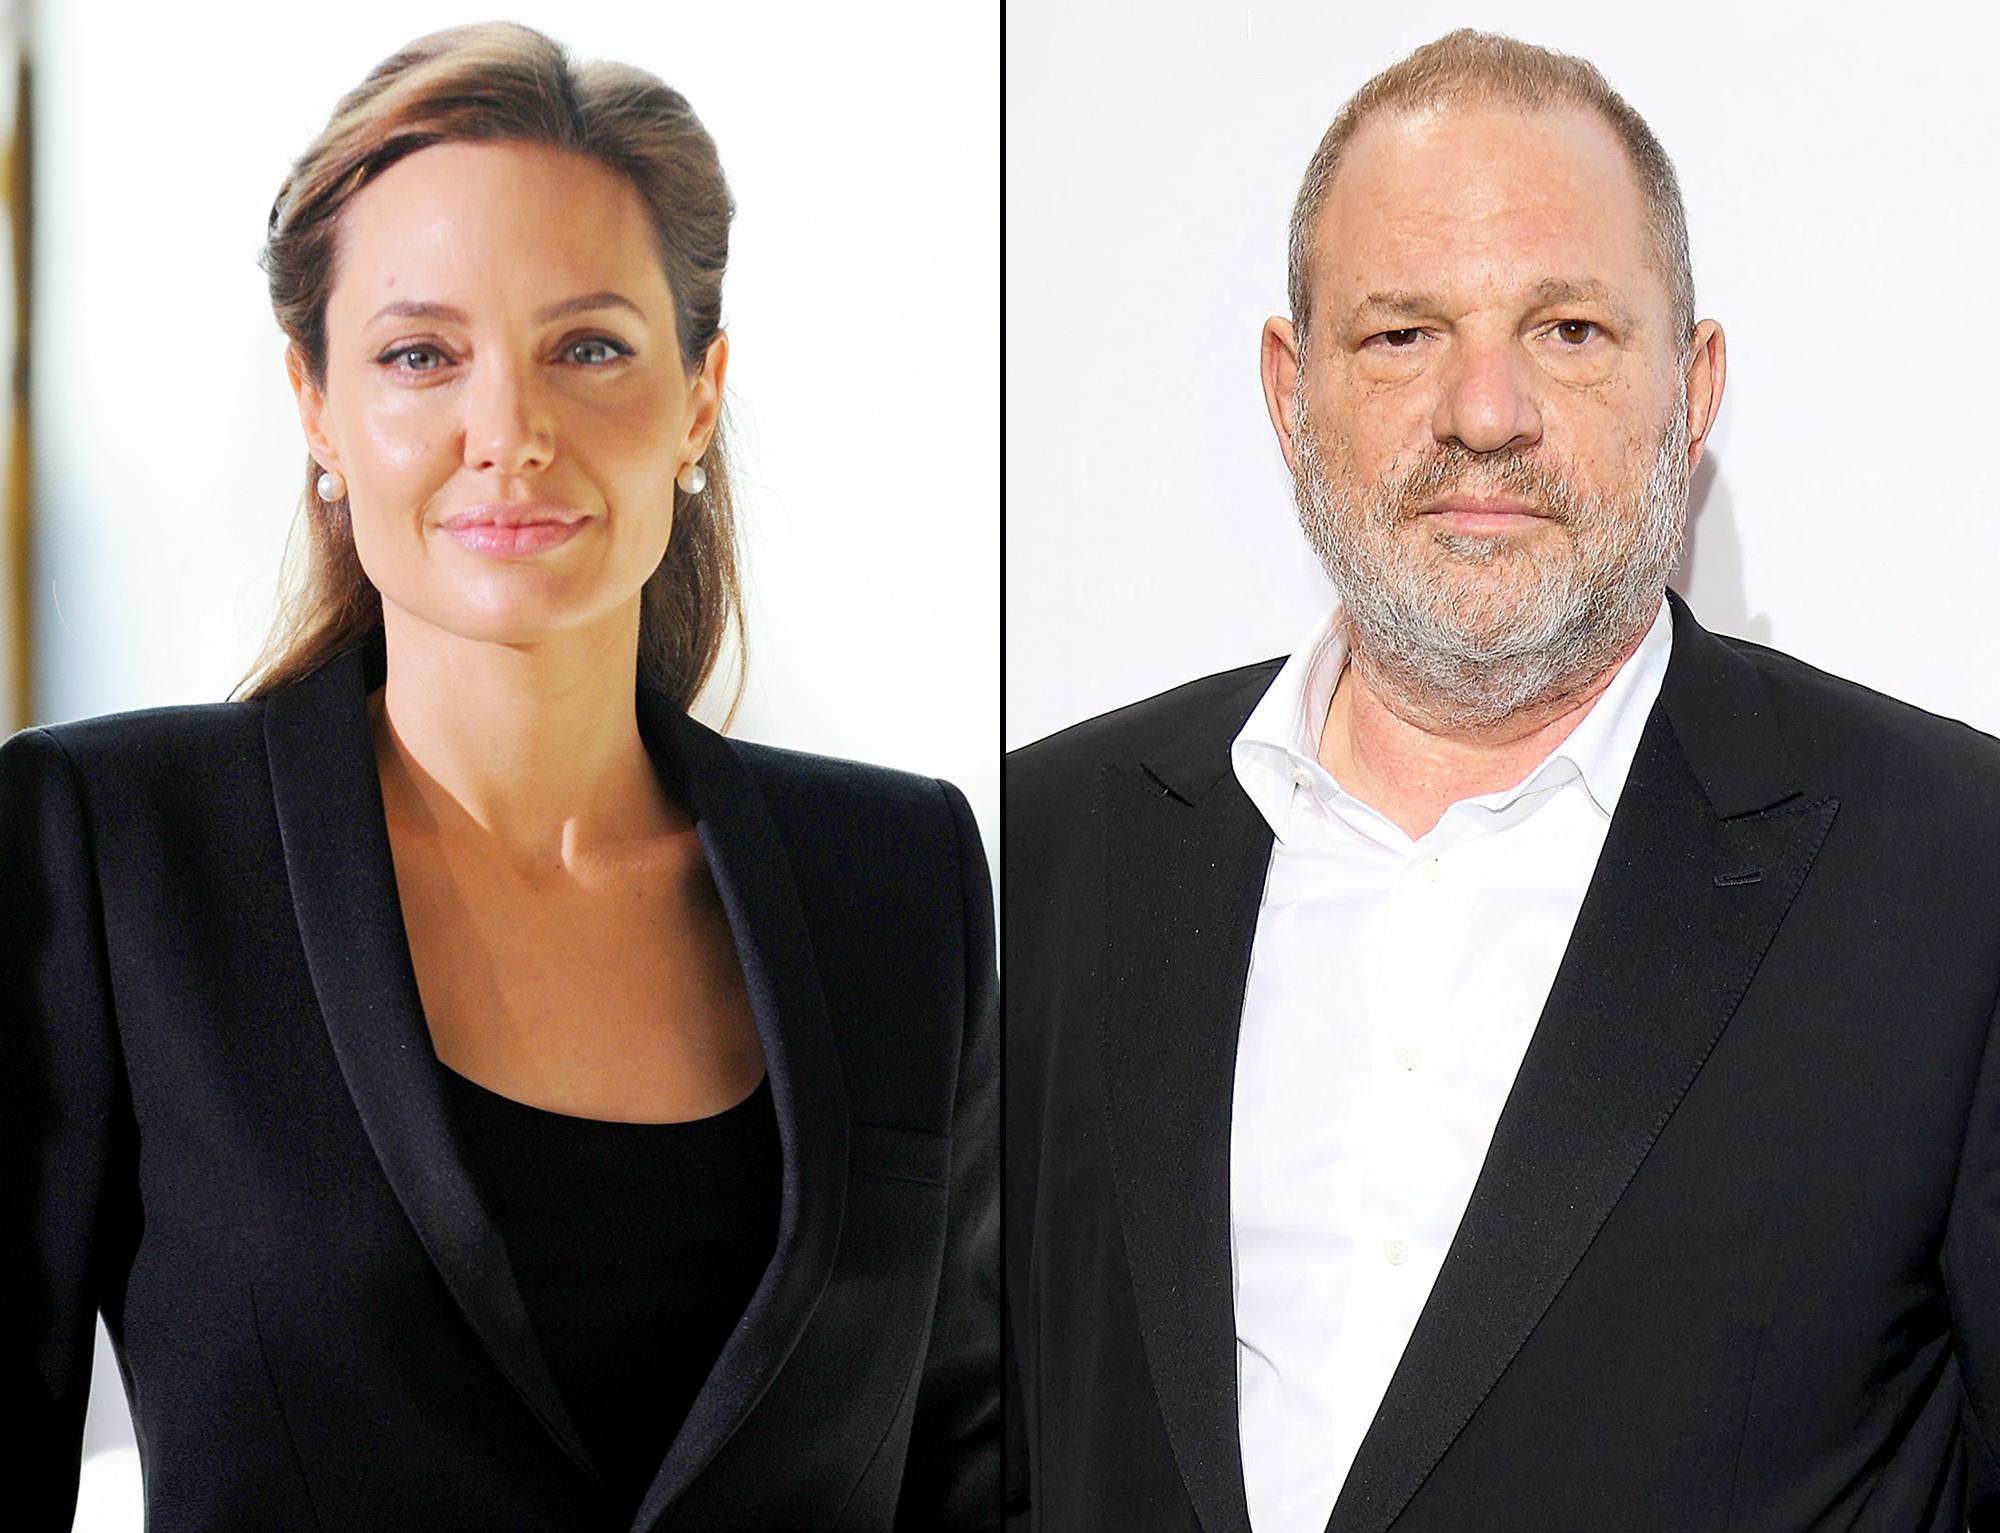 Angelina Jolie and Harvey Weinstein